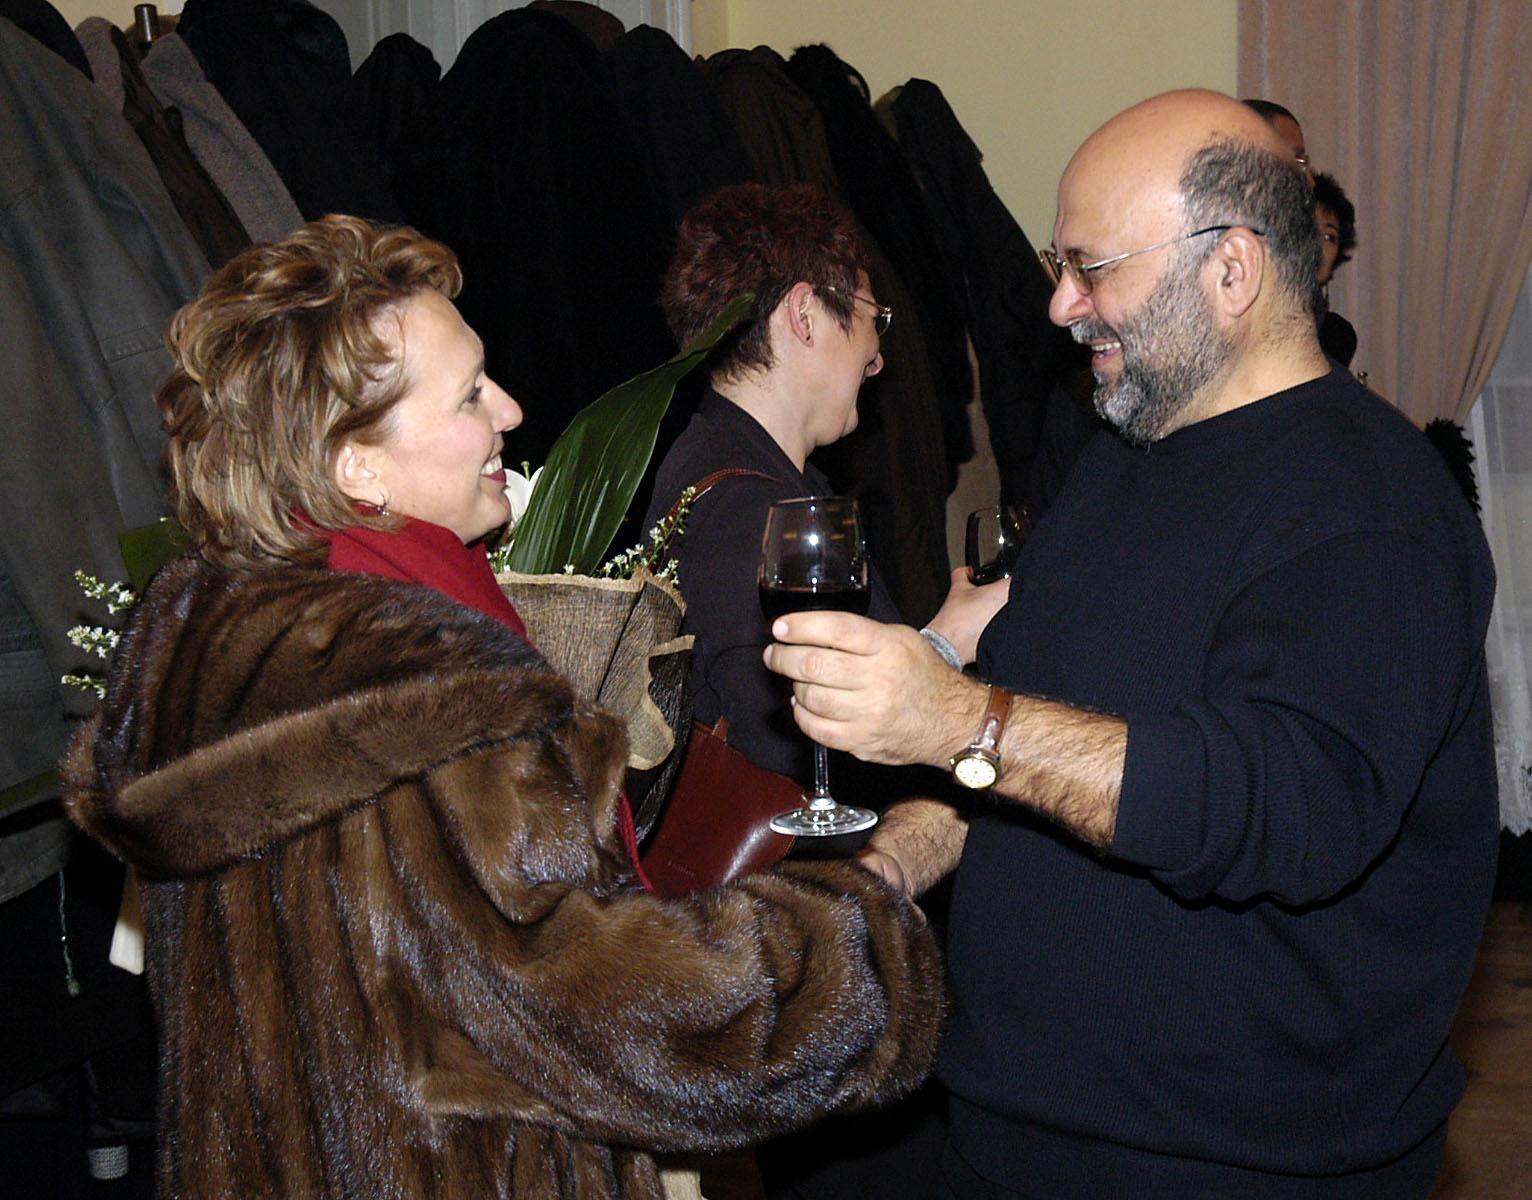 """11 януари 2006 г. - Силва Зурлева поздравява Александър Божков за 5 години от старта на радио предаването му """"Музика за душата"""""""